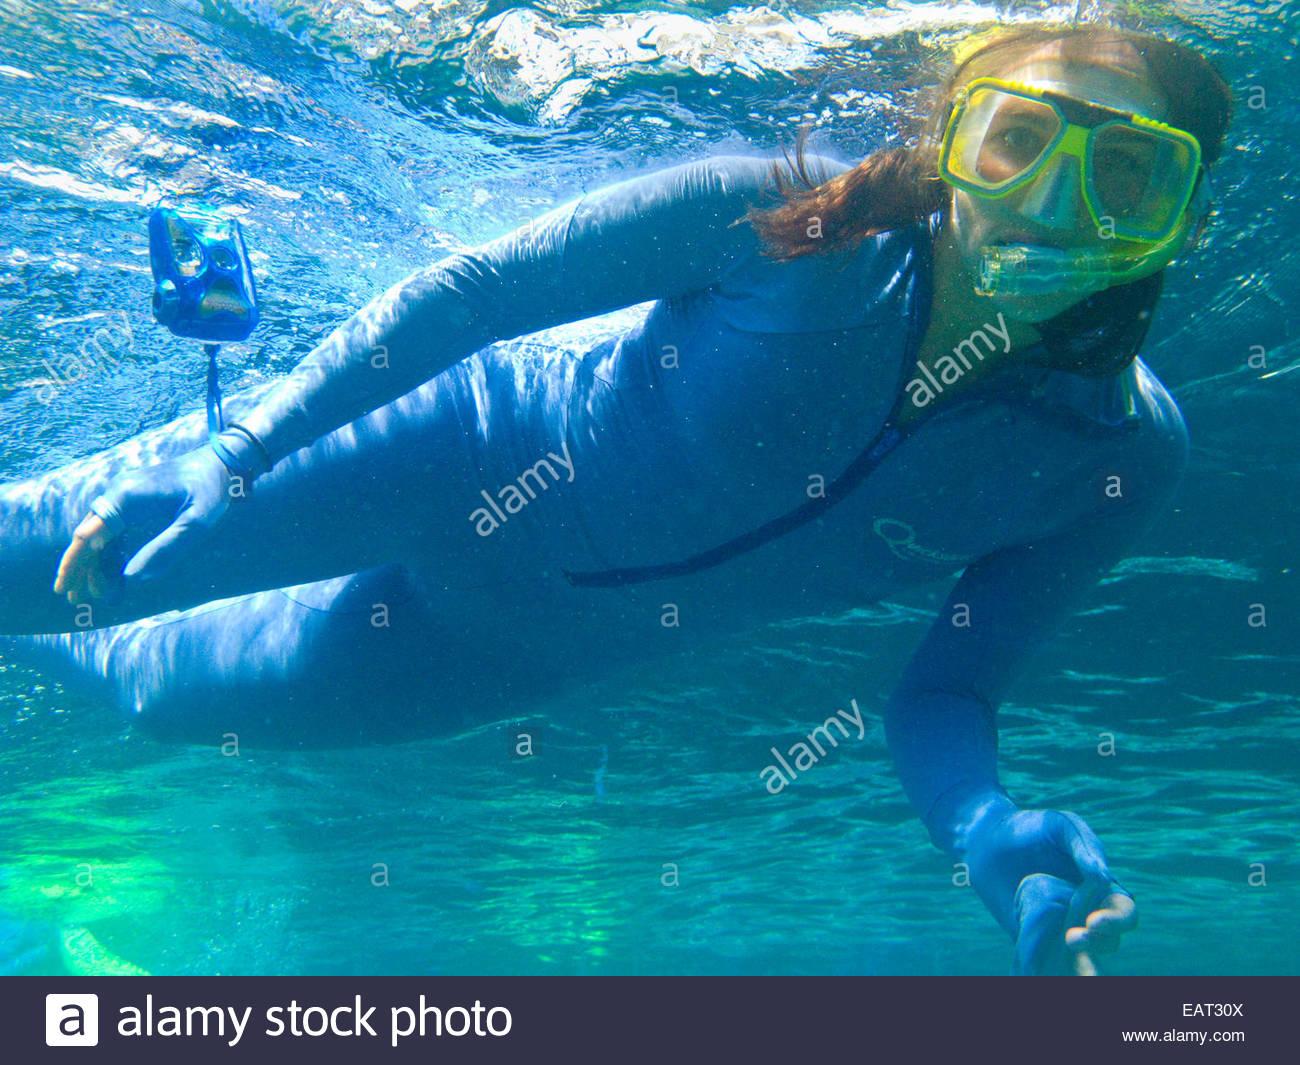 Una donna snorkeler appena al di sotto della superficie. Immagini Stock